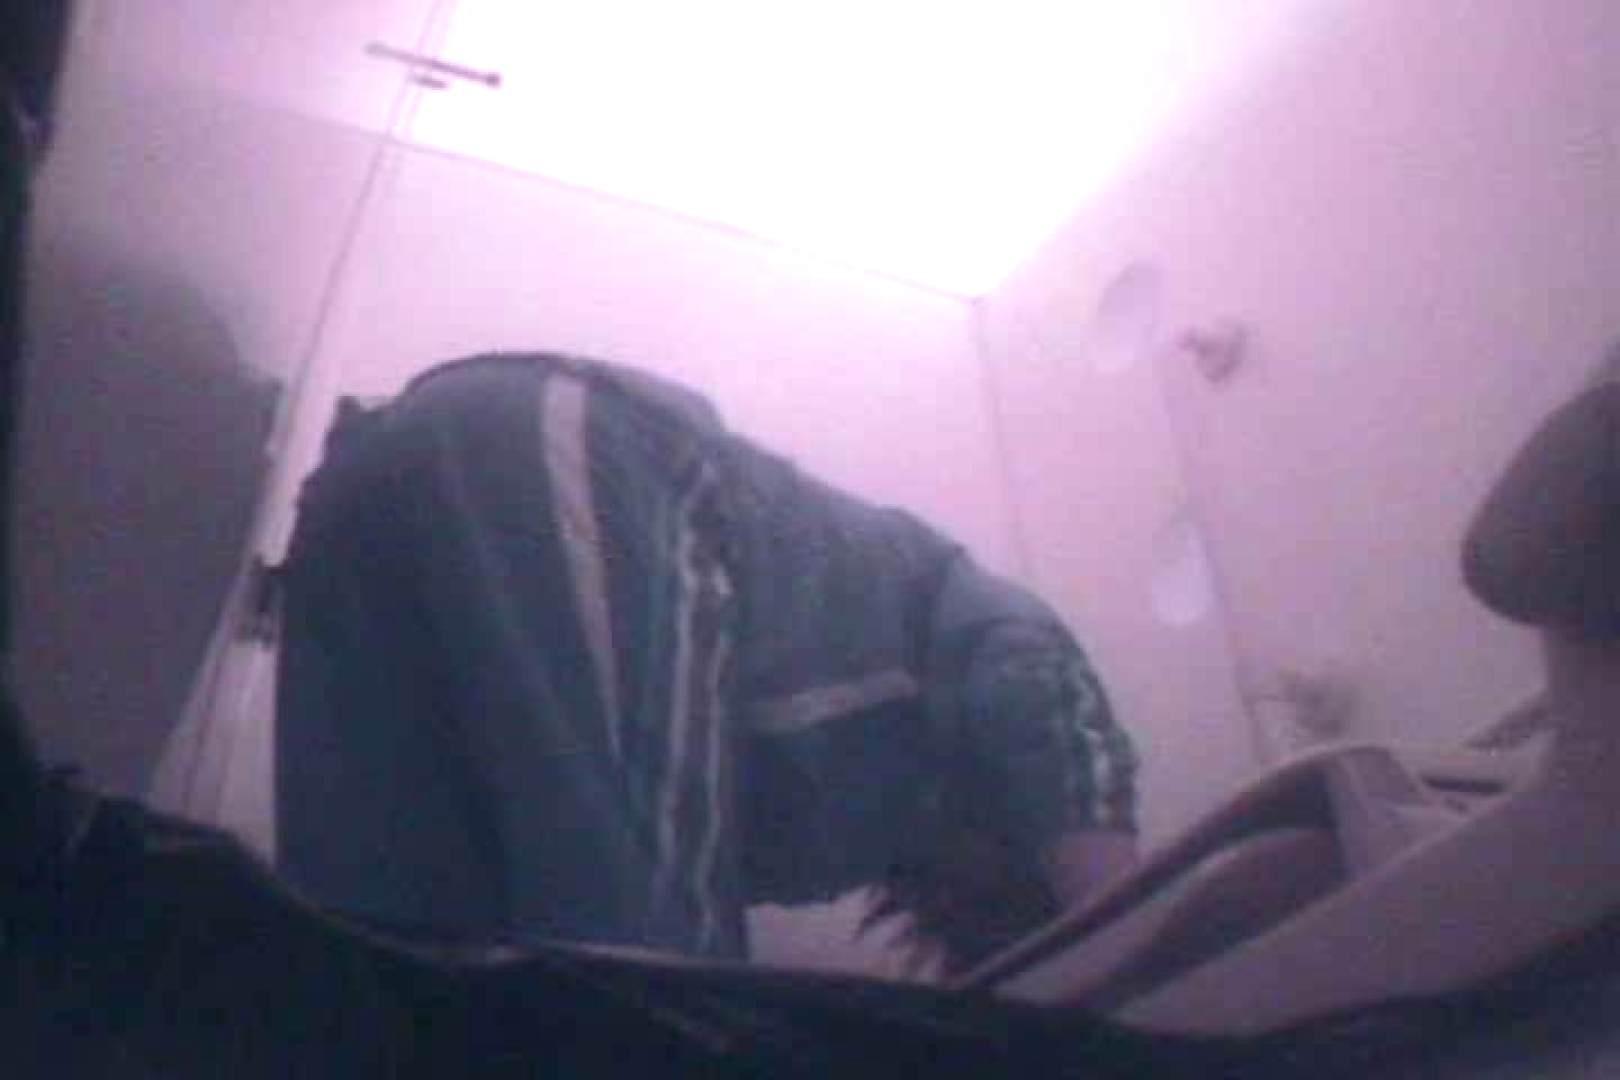 陸上部洗面所Vol.3 洗面所はめどり オマンコ動画キャプチャ 99画像 46